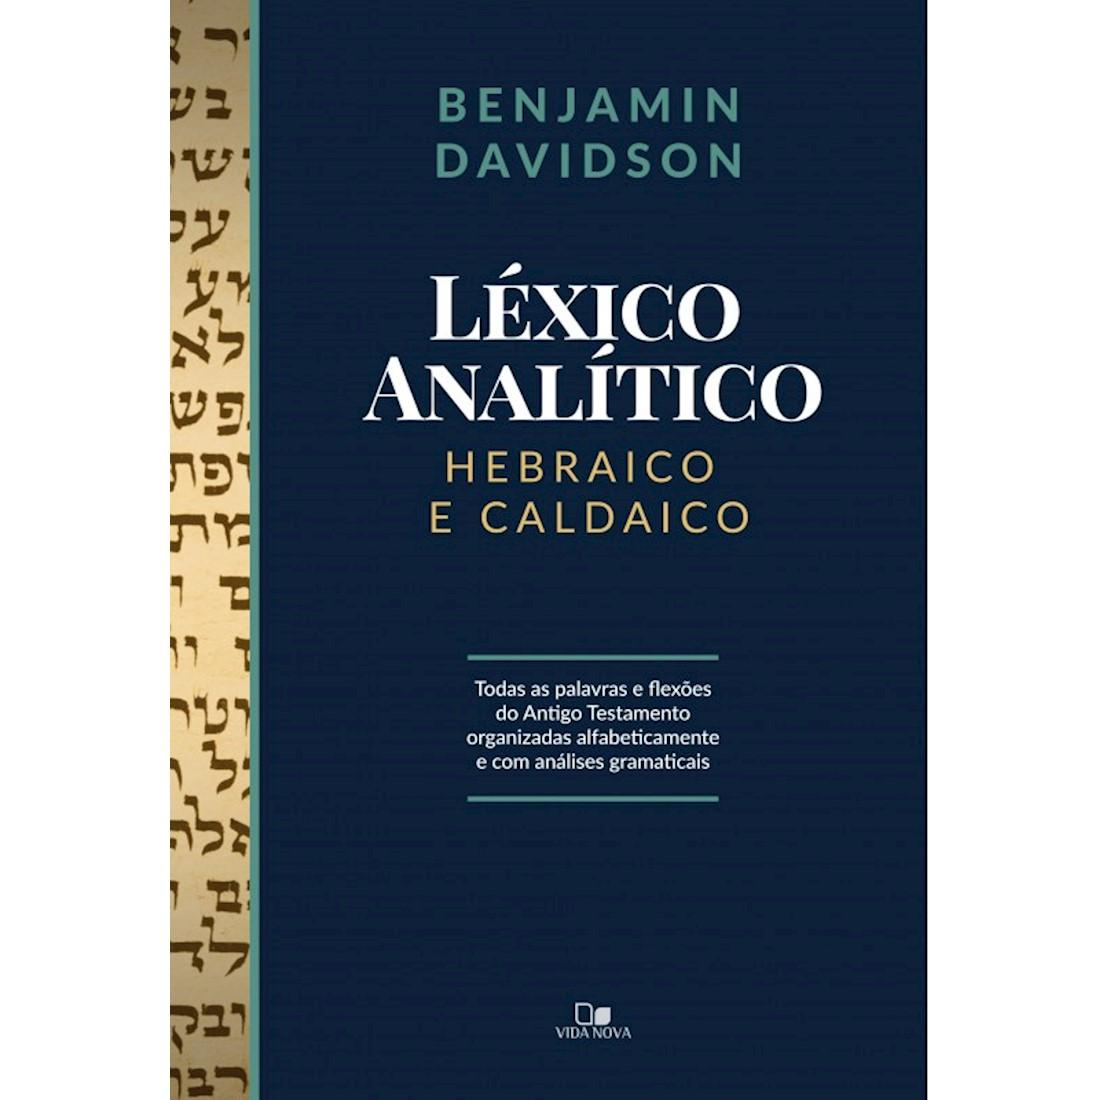 Livro Léxico Analítico Hebraico e Caldaico